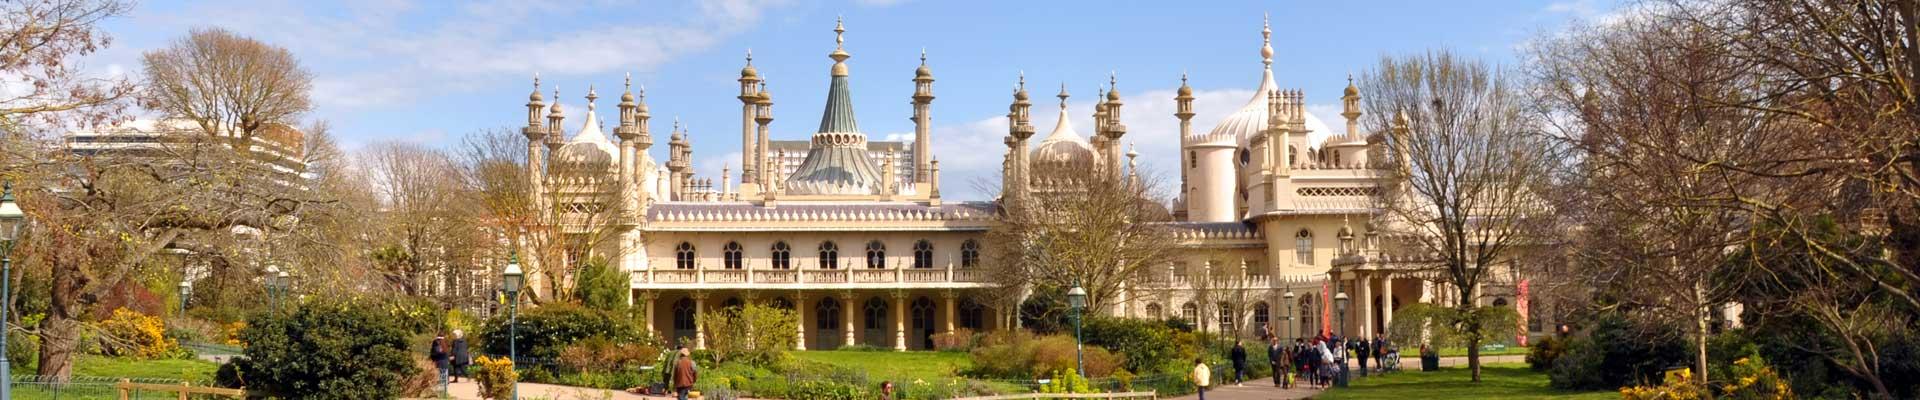 Plumpton College, Brighton